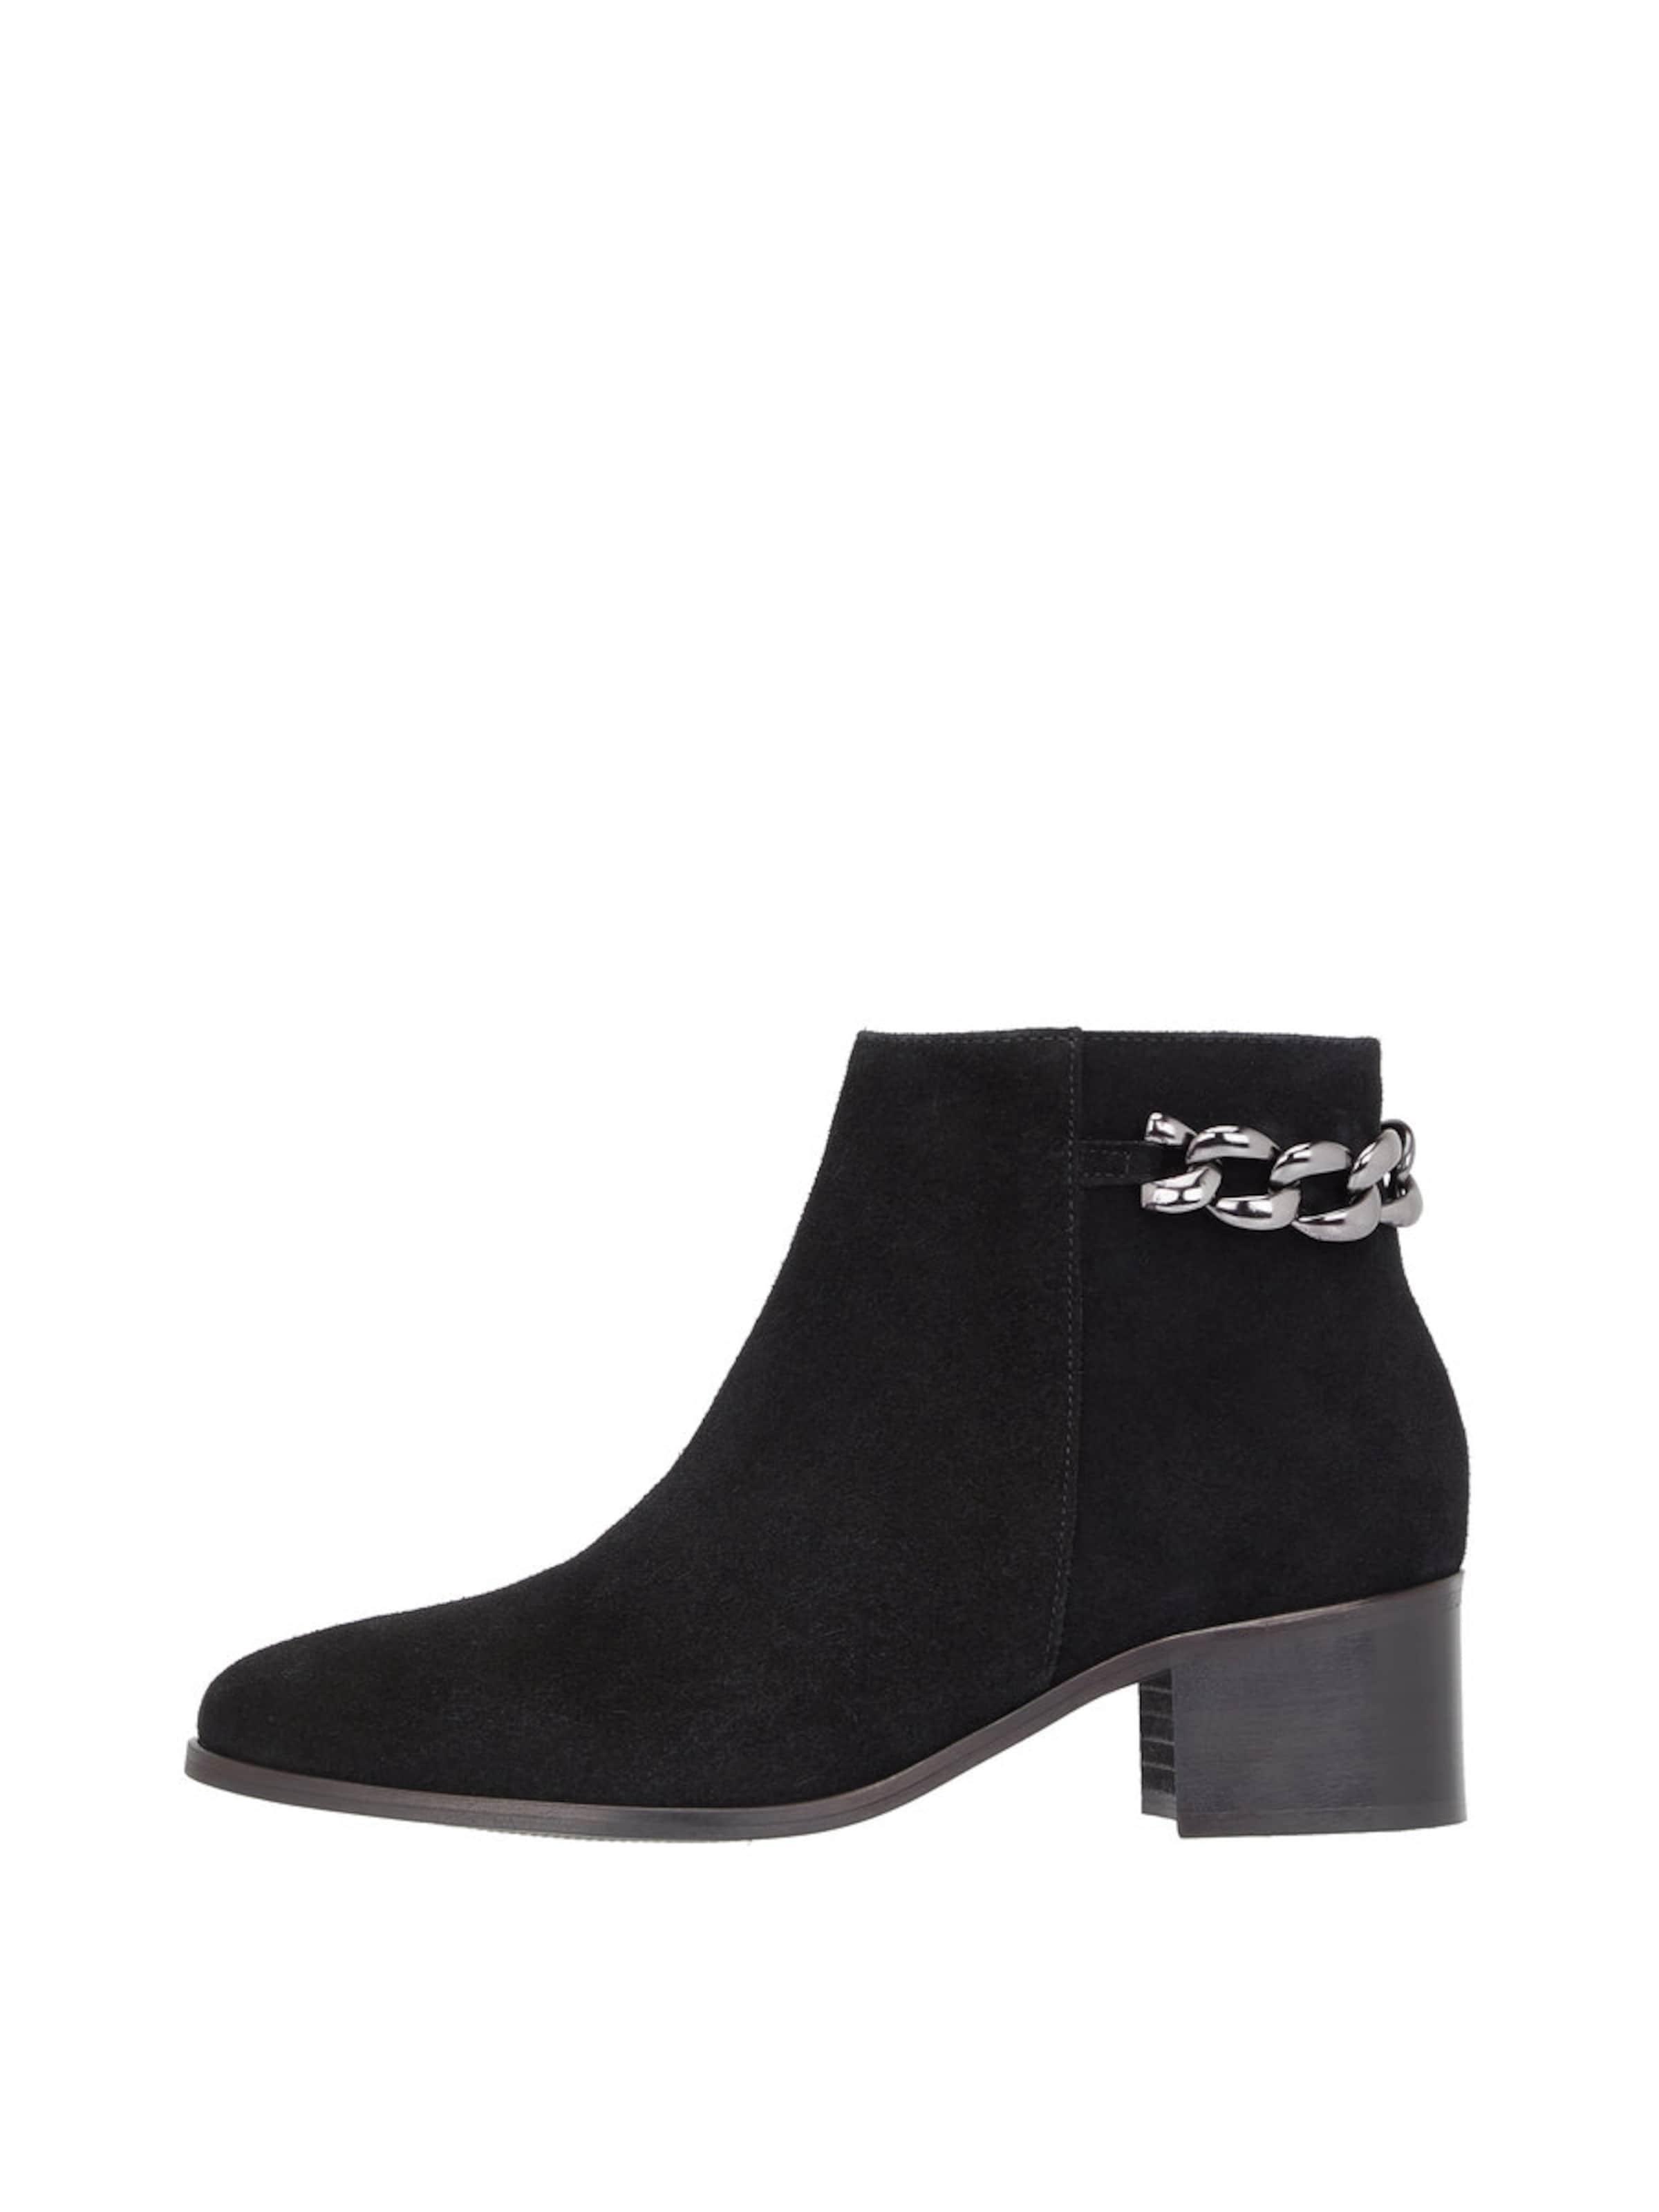 Bianco Elegante Ketten Stiefel Verschleißfeste billige Schuhe